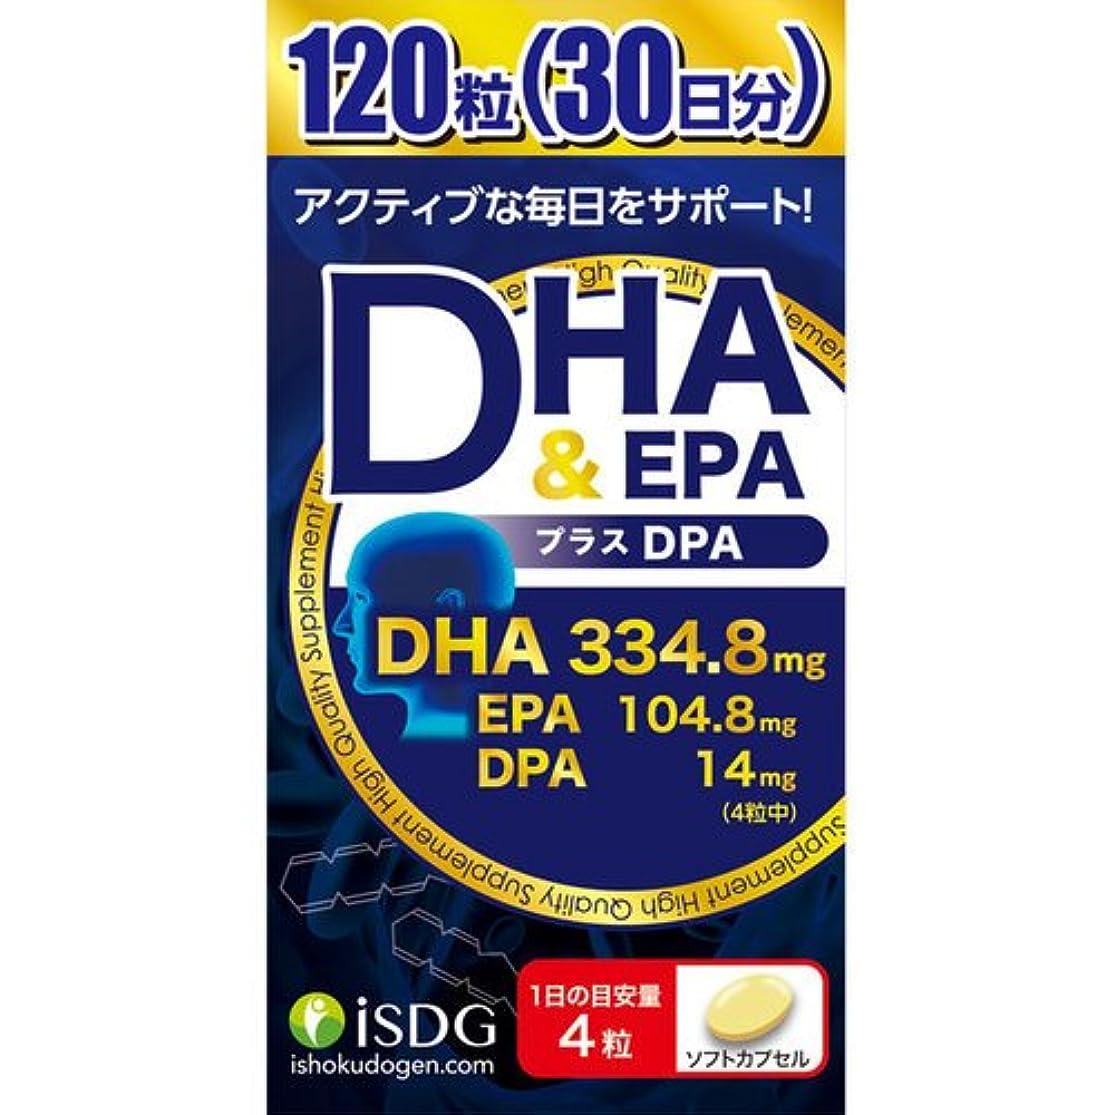 リーガン冷蔵庫百科事典DHA&EPAプラスDPA 120粒